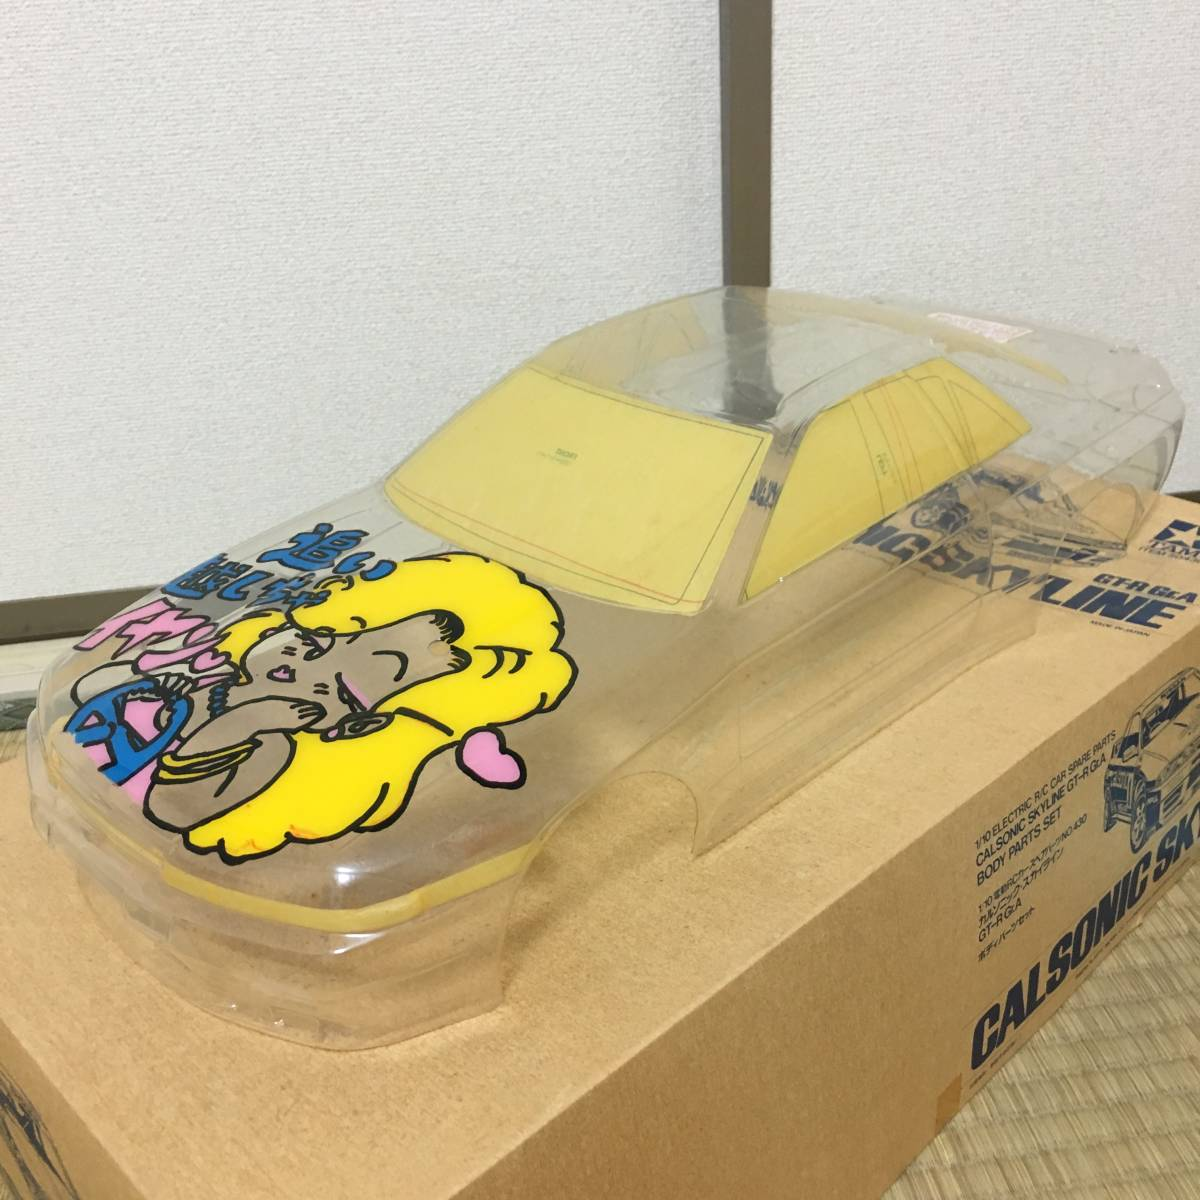 ☆ワンオフ☆ 田宮模型 タミヤラジコン ニッサン スカイライン GT-R(BNR32) ボディ オリジナルペイント_画像4